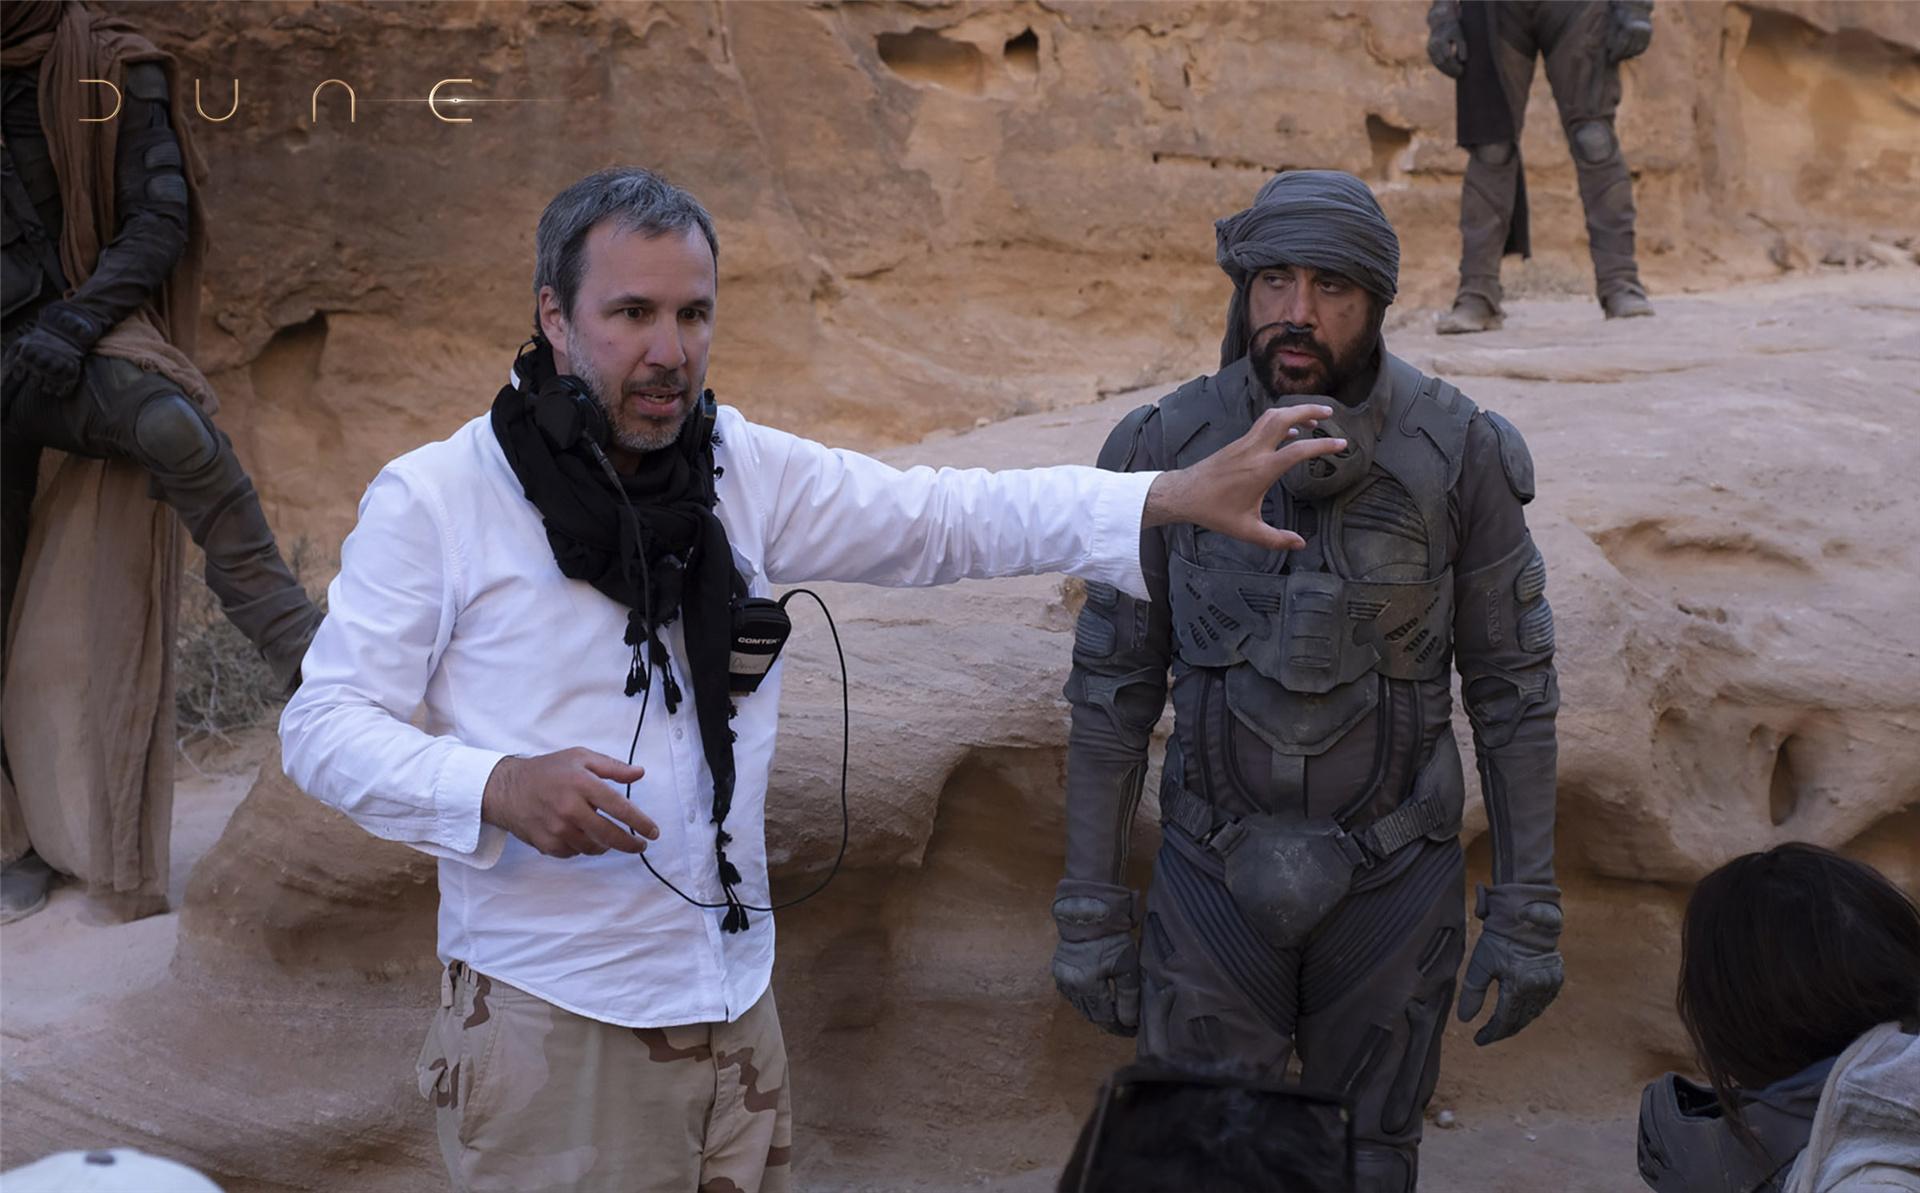 《沙丘》-电影百度云资源「1080p/高清」云网盘下载